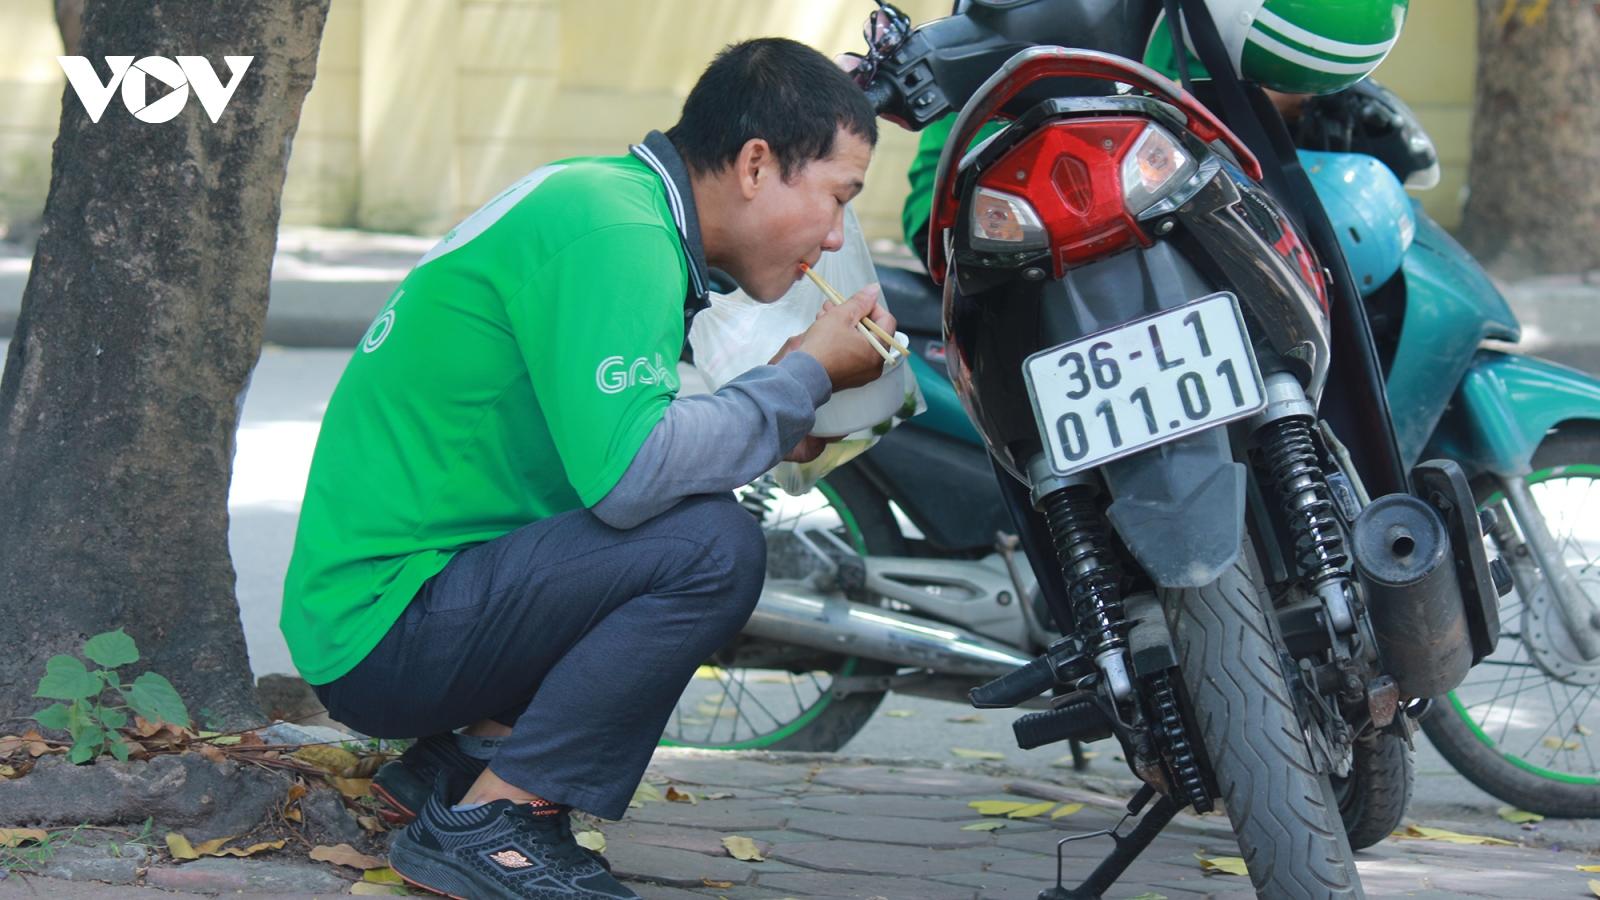 Bữa cơm trưa vội vàng giữa mùa dịch của những người lao động